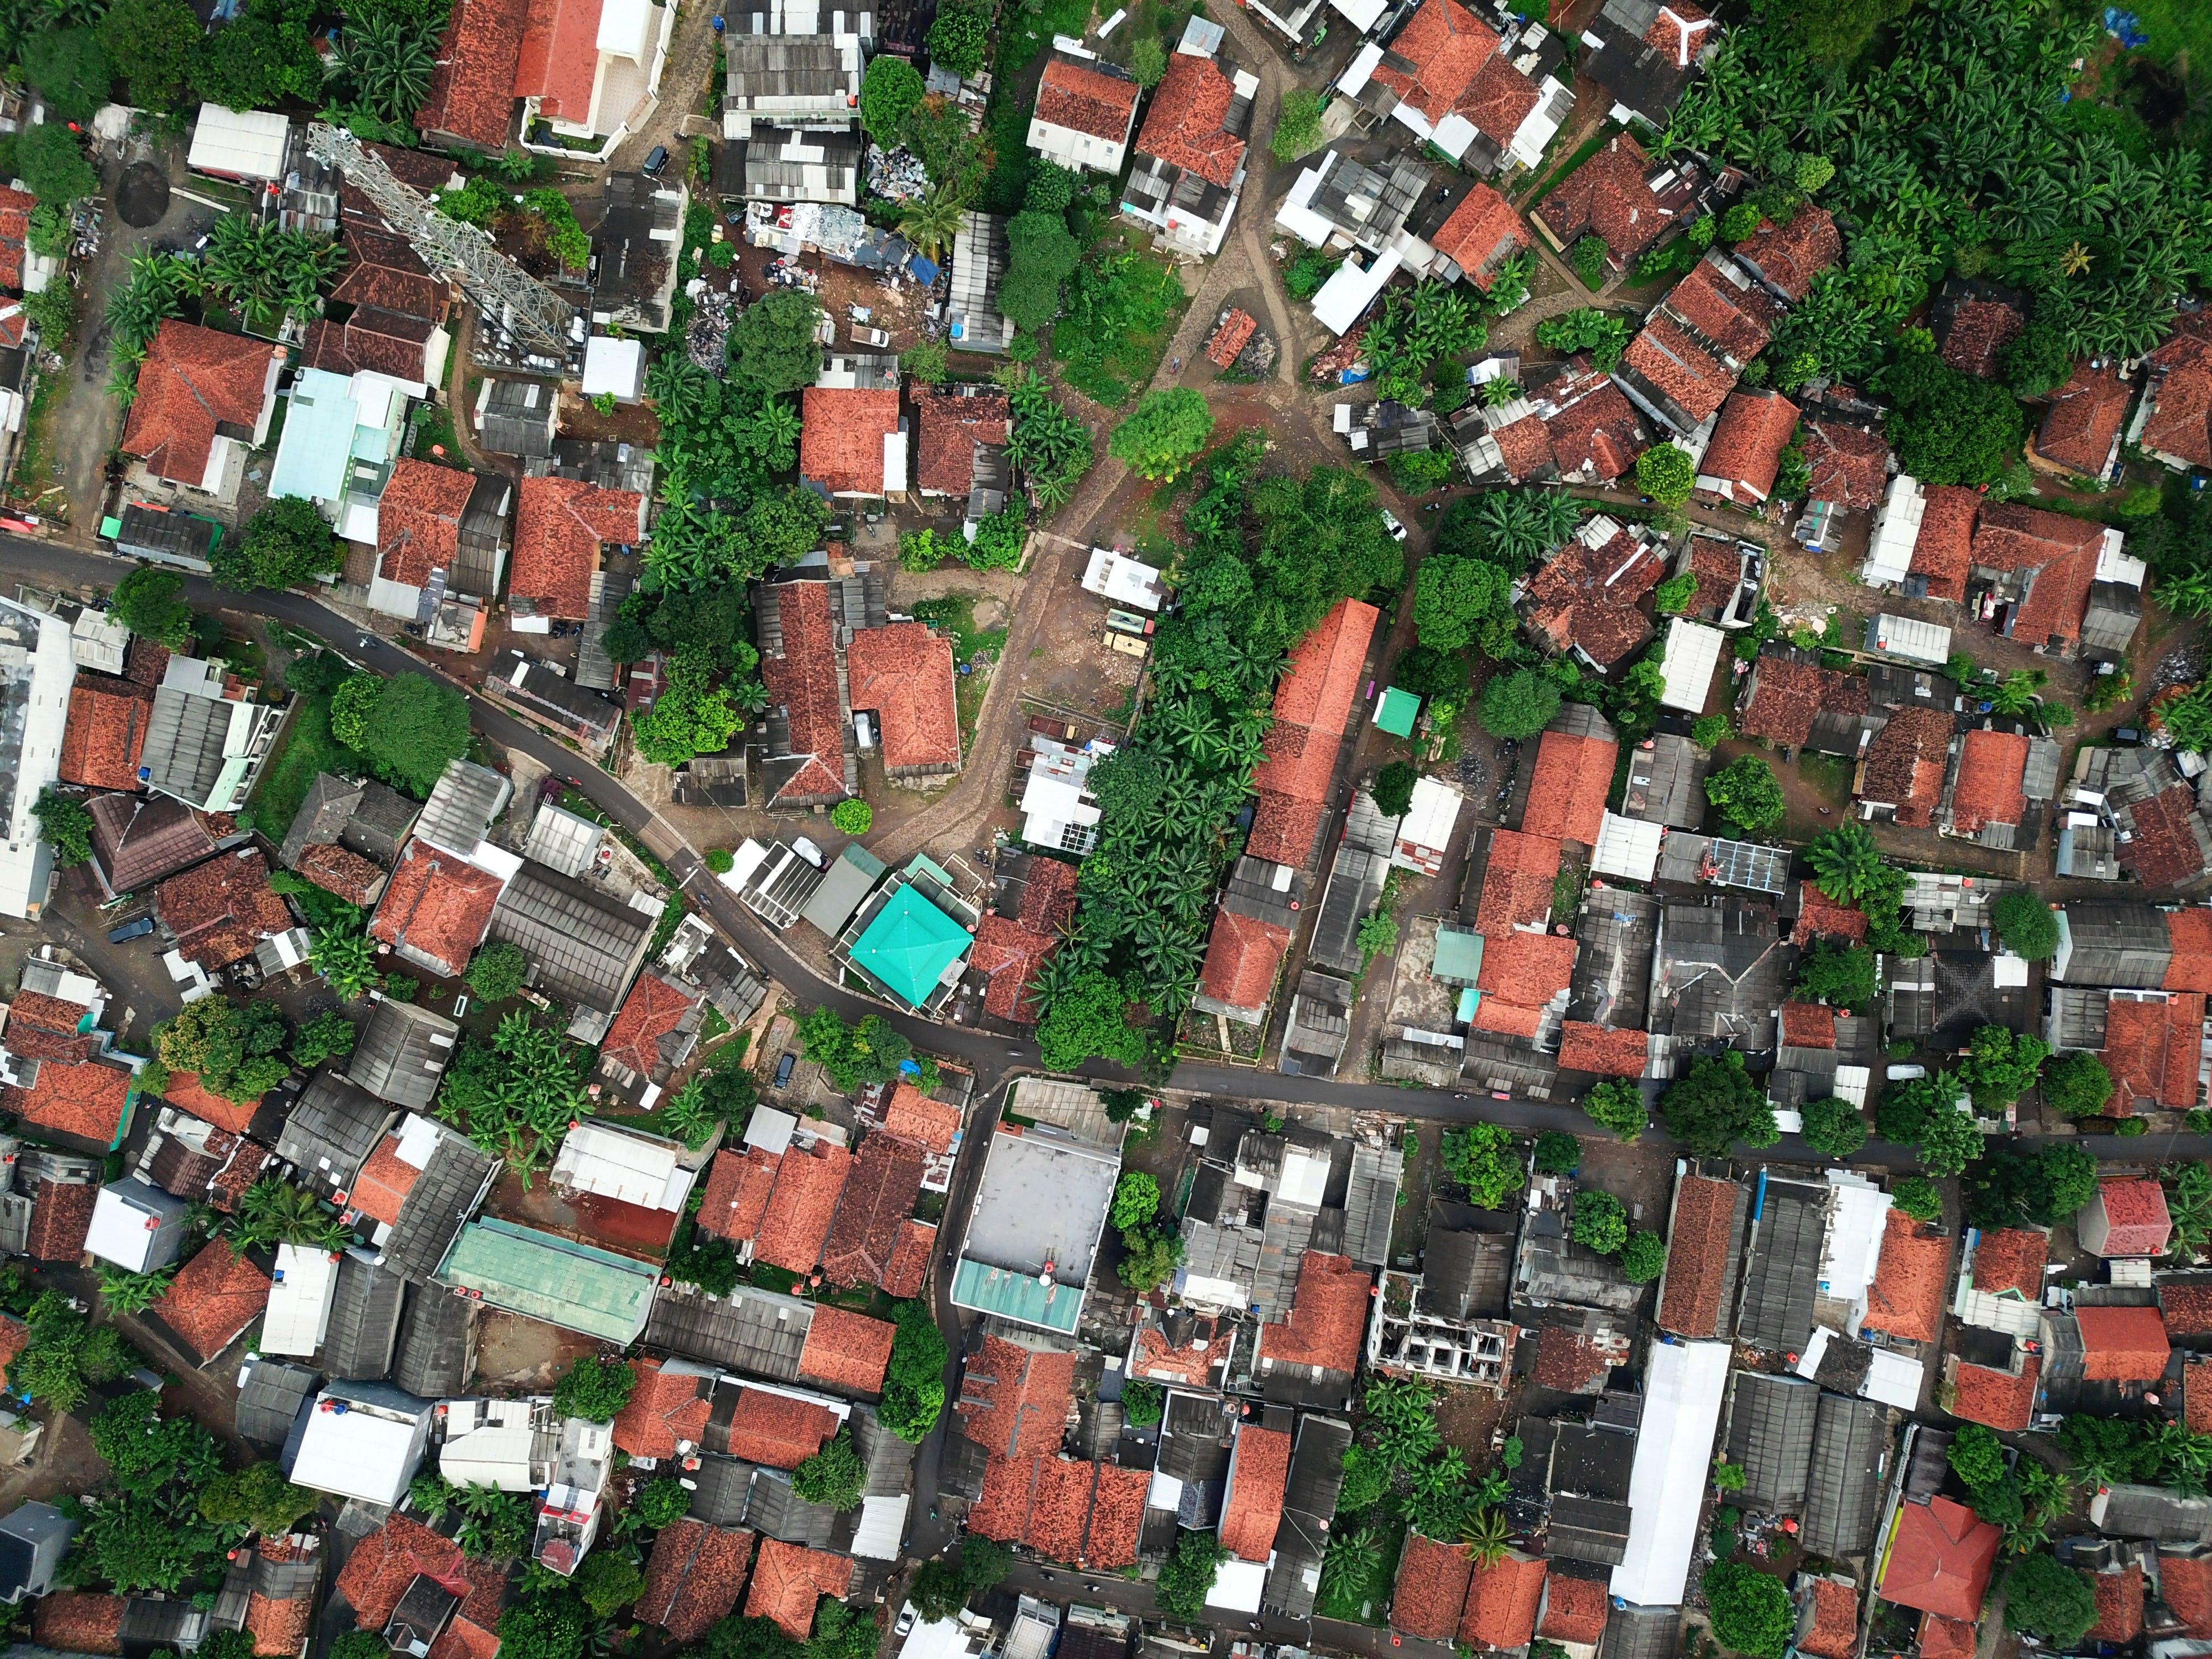 Foto d'estoc gratuïta de cases, des de dalt, foto aèria, Indonèsia